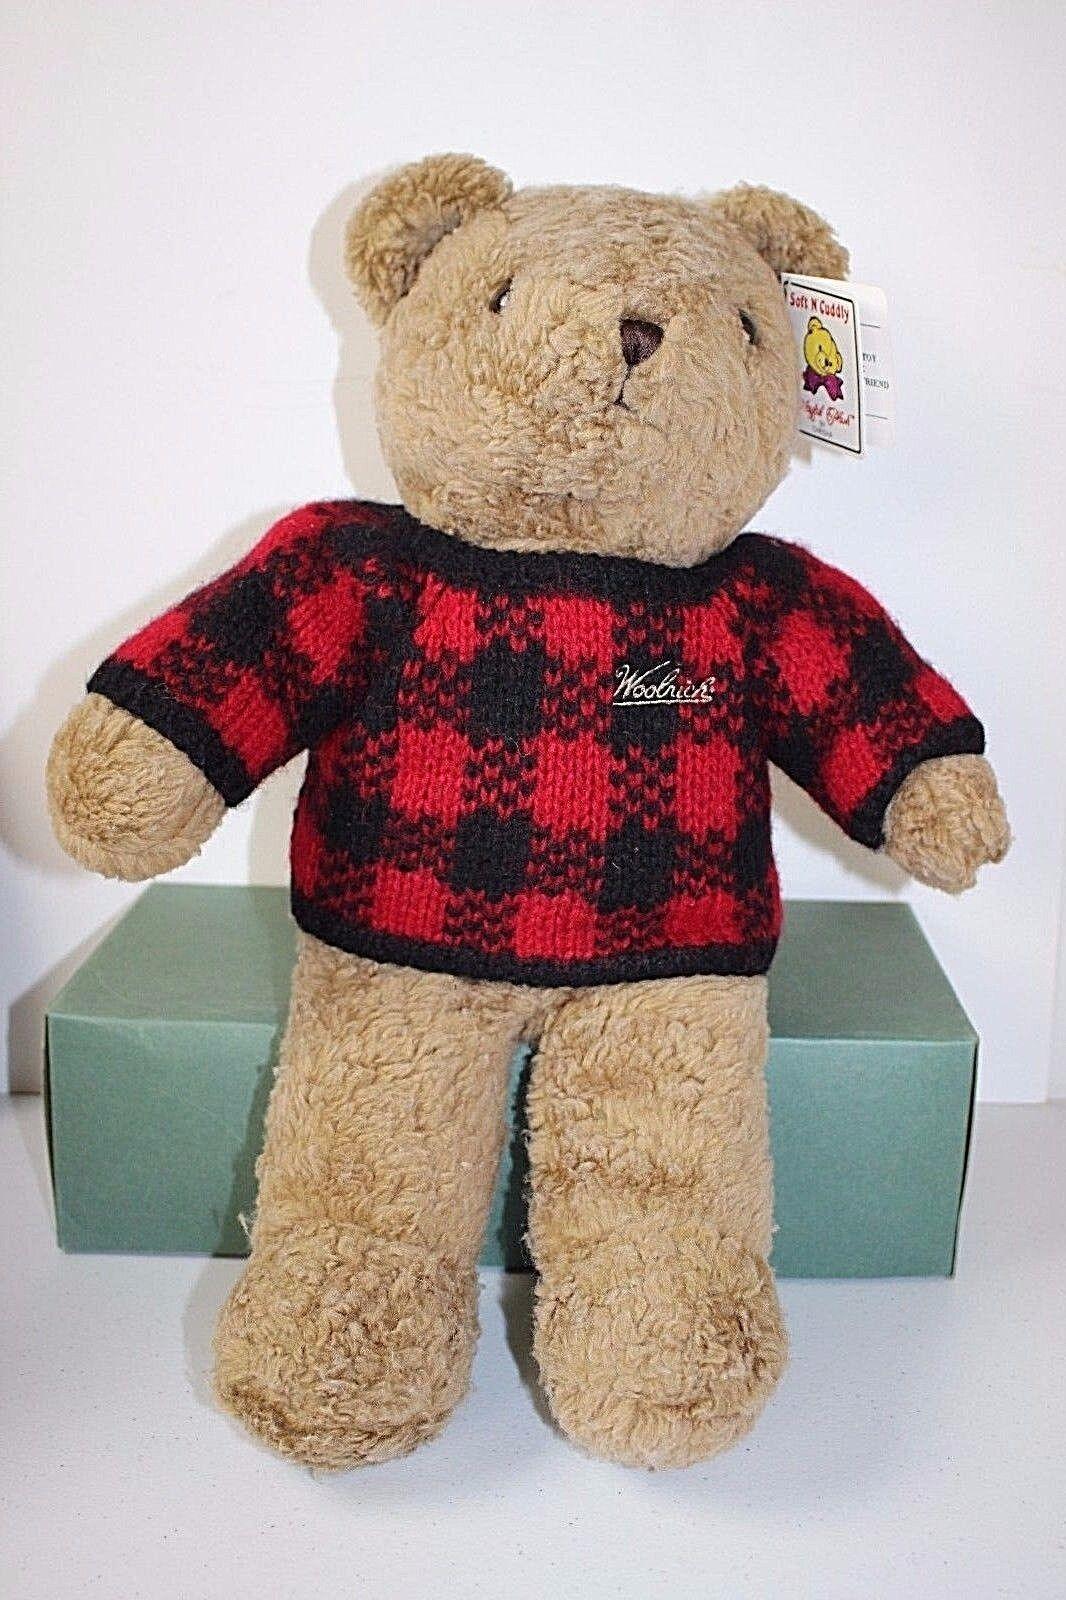 Vintage Woolrich Teddy Bear by Chrisha Playful Plush 1988 Stuffed Animal